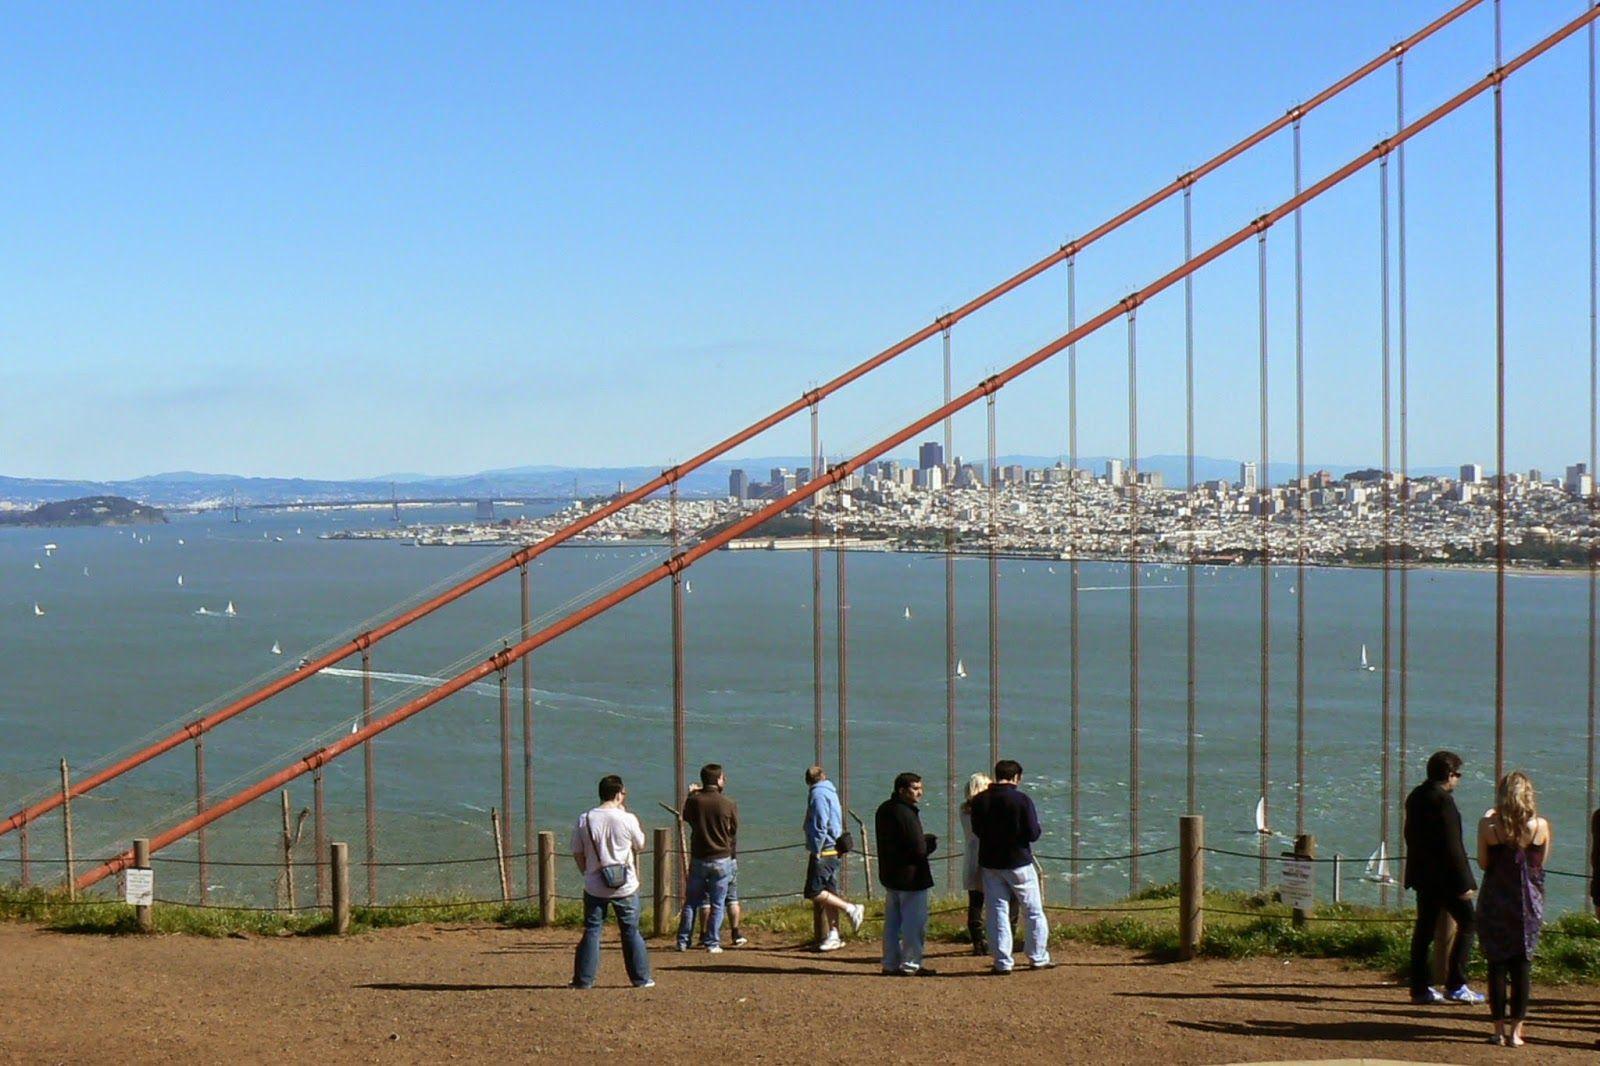 Civiltà antiche e antichi misteri: SAN FRANCISCO